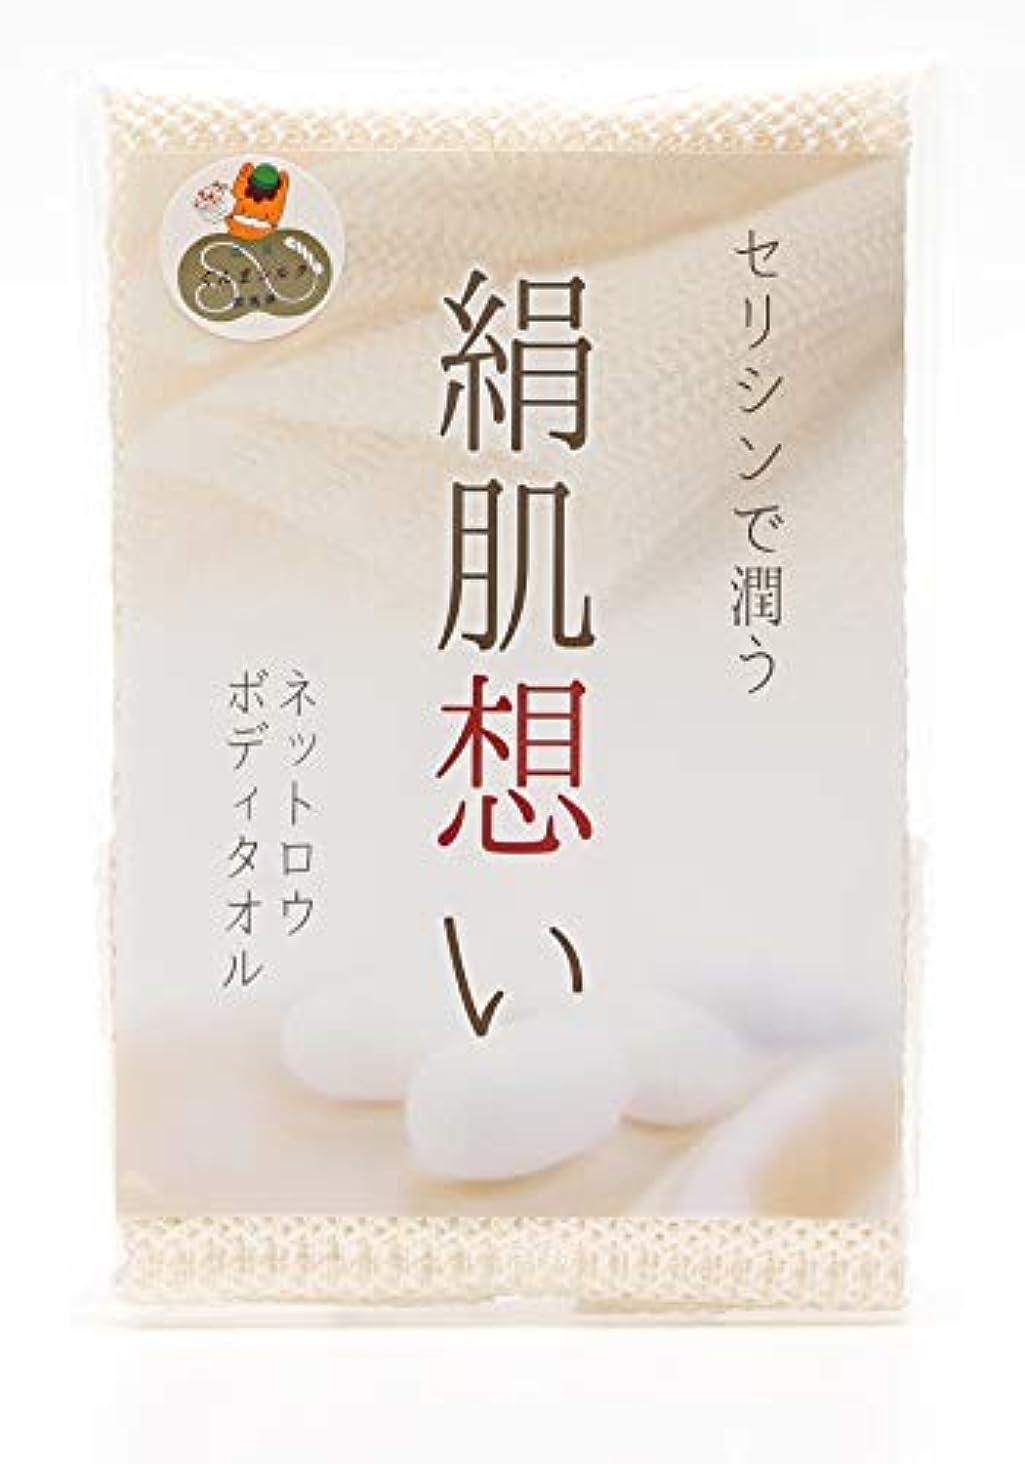 自己過度に伝える[ハッピーシルク] シルクボディータオル 「絹肌想い 」浴用ボディタオル セリシンで潤う シルク100% ネットロウ